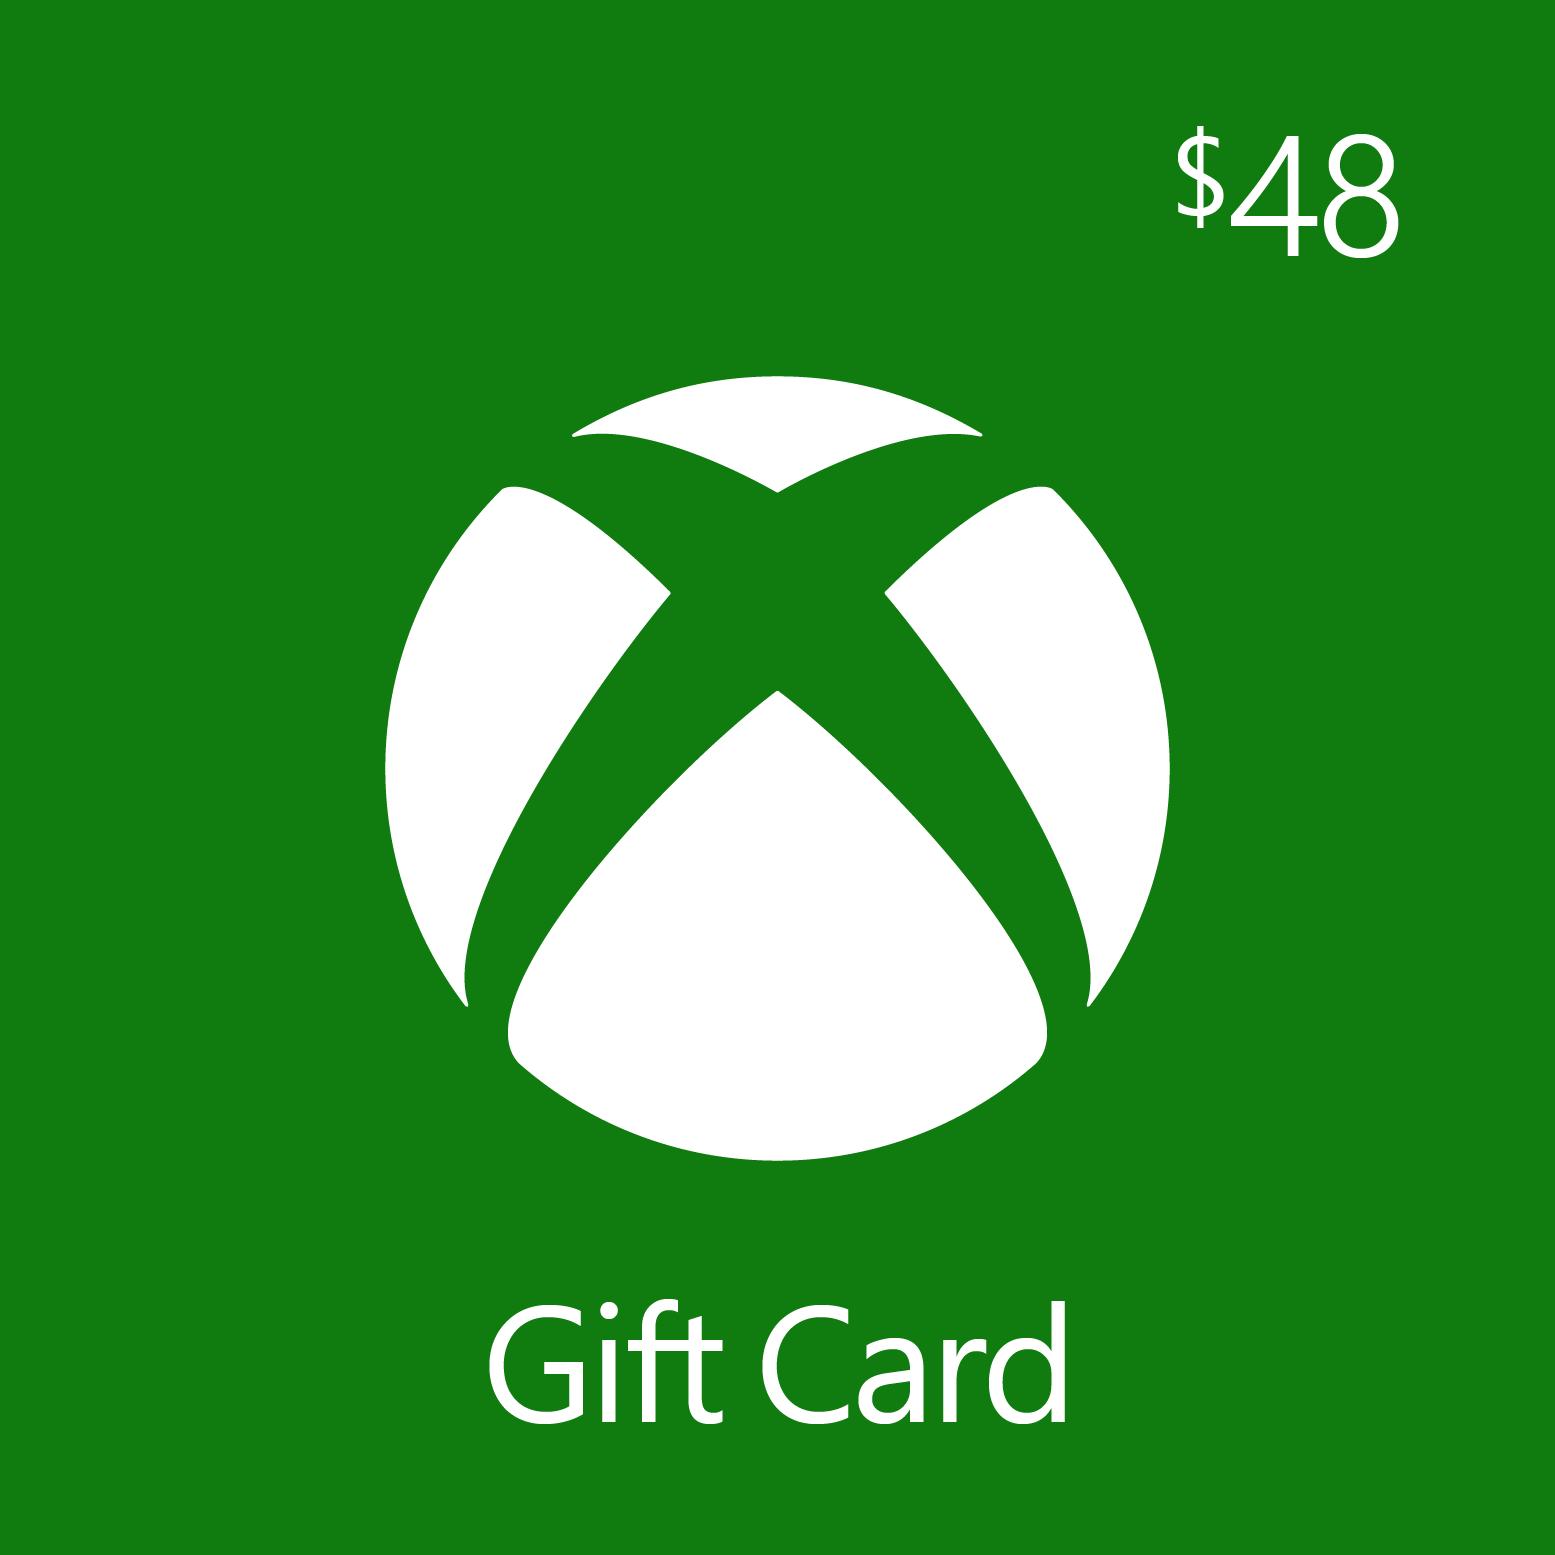 $48.00 Xbox Digital Gift Card